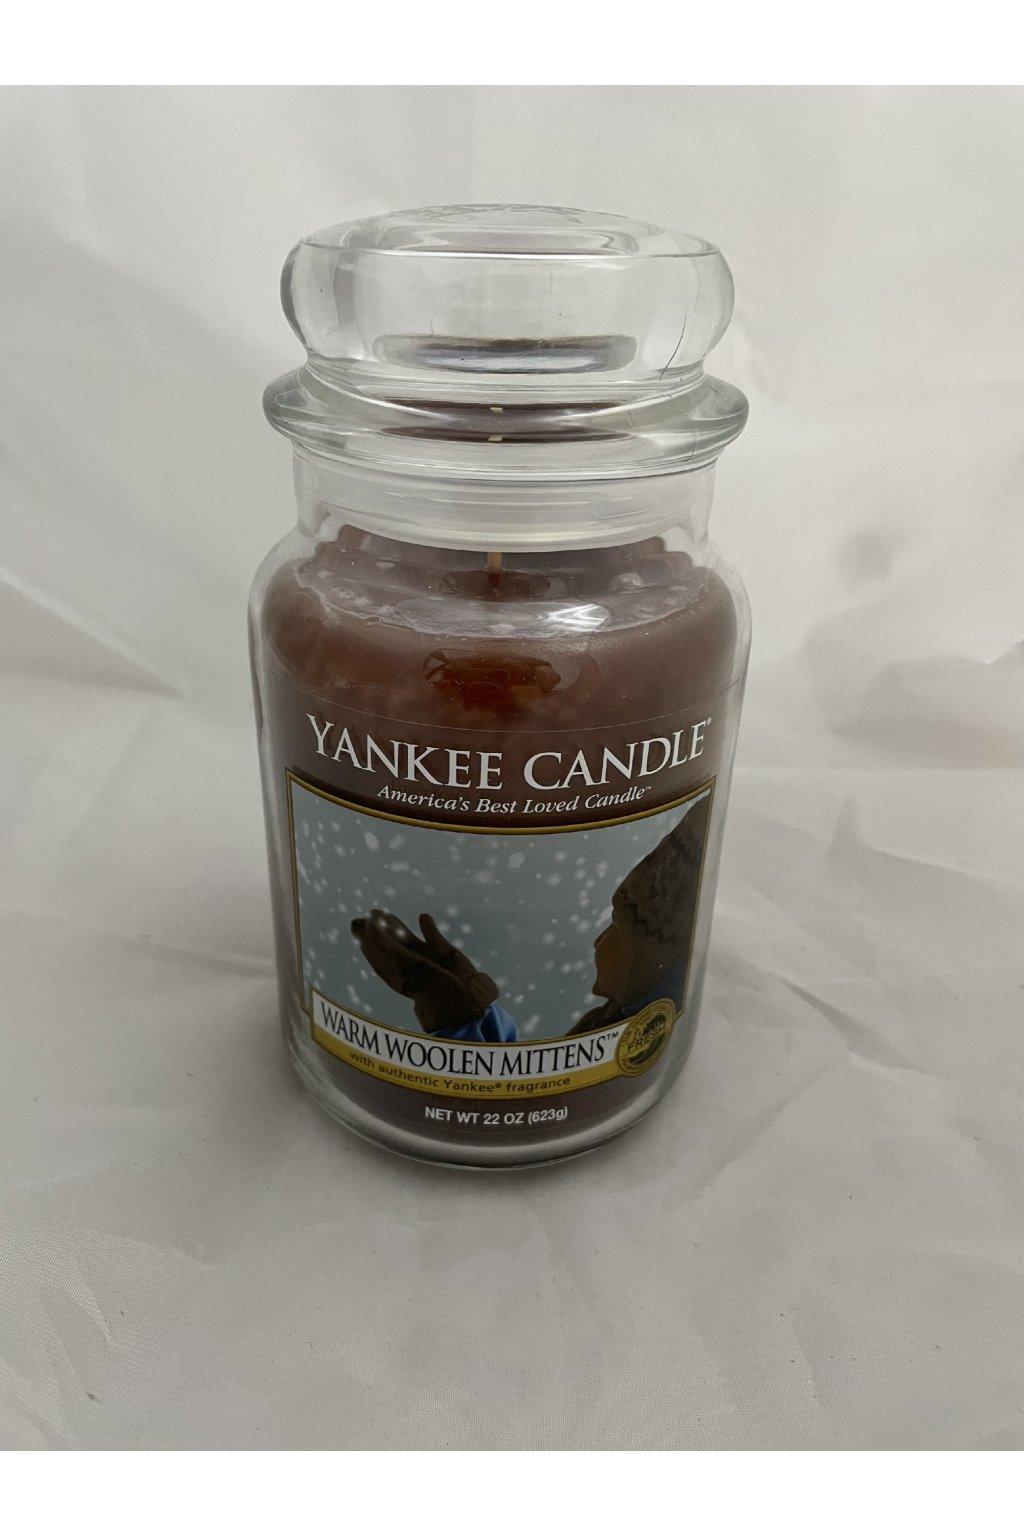 Yankee Candle Warm Woolen Mittens 623g 2015